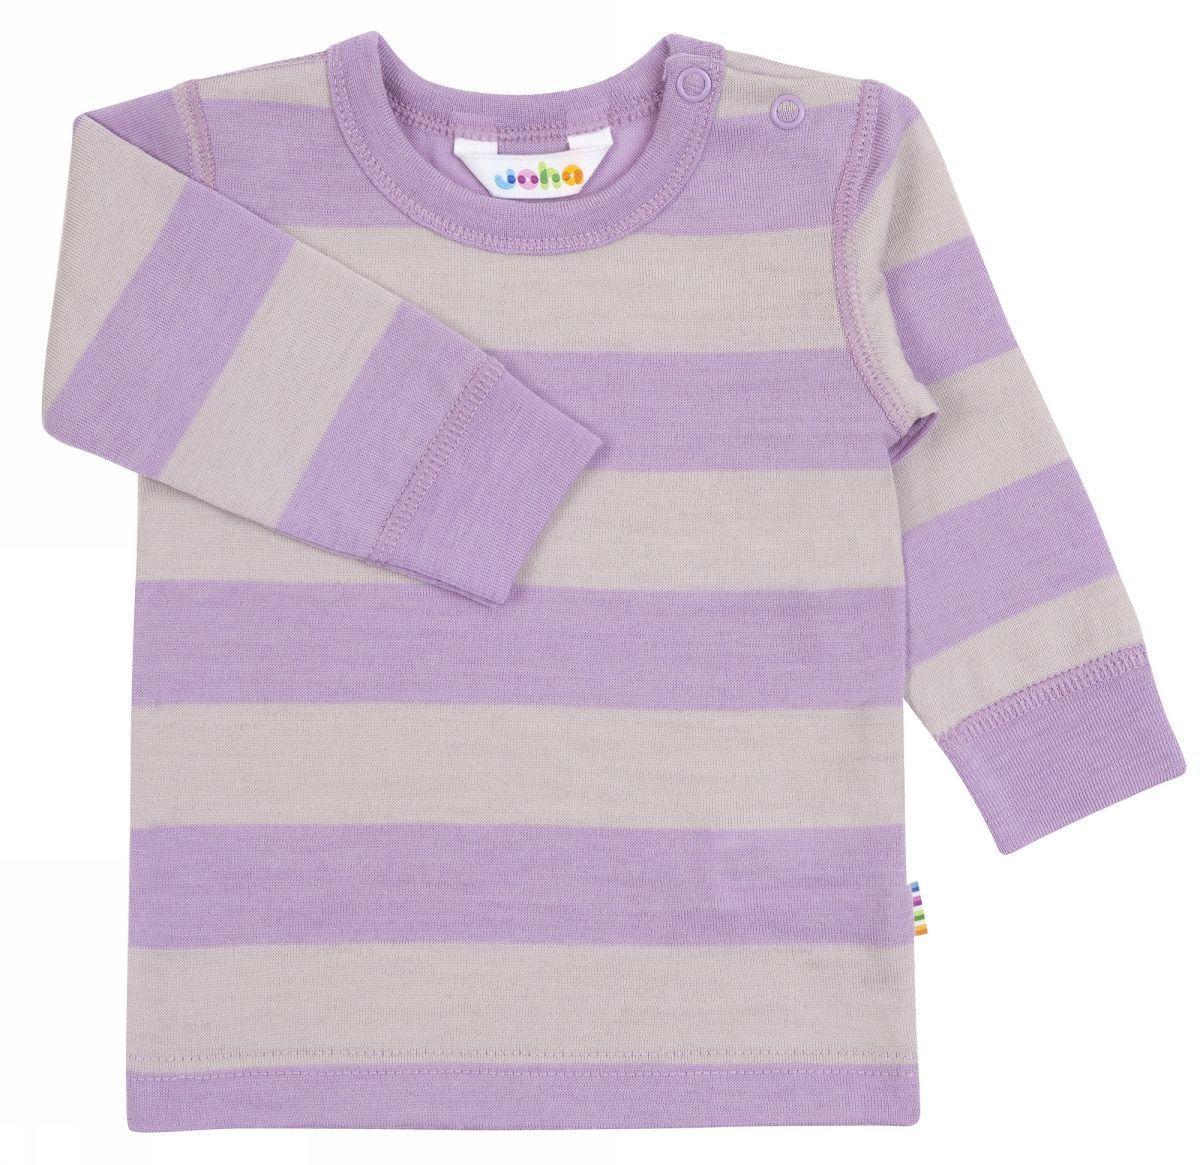 Image of   Bluse med lange ærmer fra Joha i uld - Wide Stripe